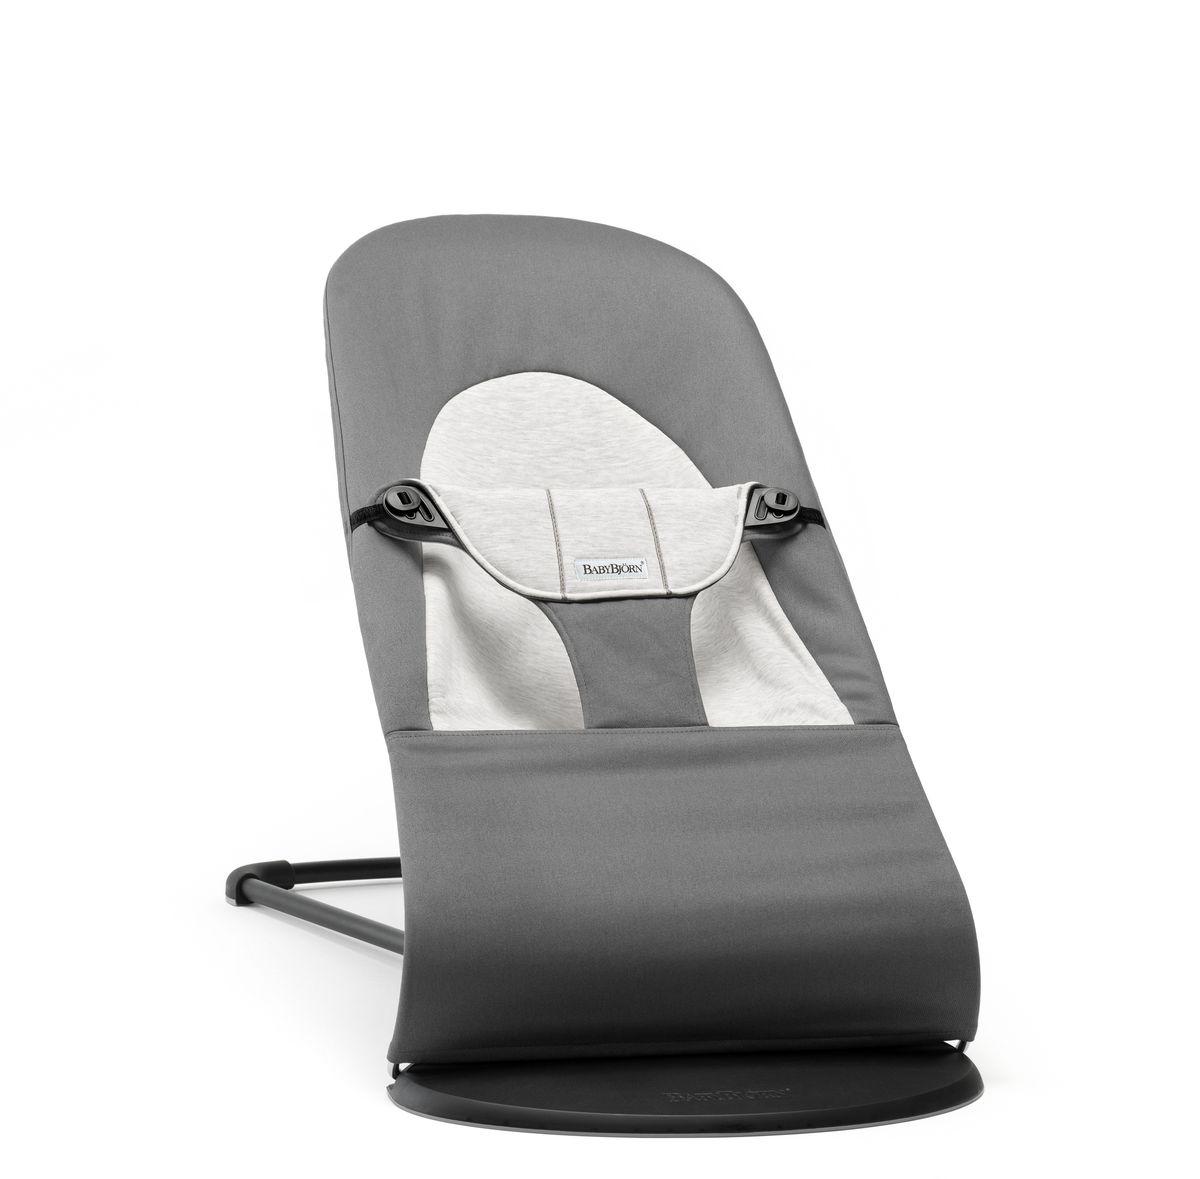 BabyBjorn Кресло-шезлонг Balance Jersey, цвет: темно-серый, серый - Качели и шезлонги